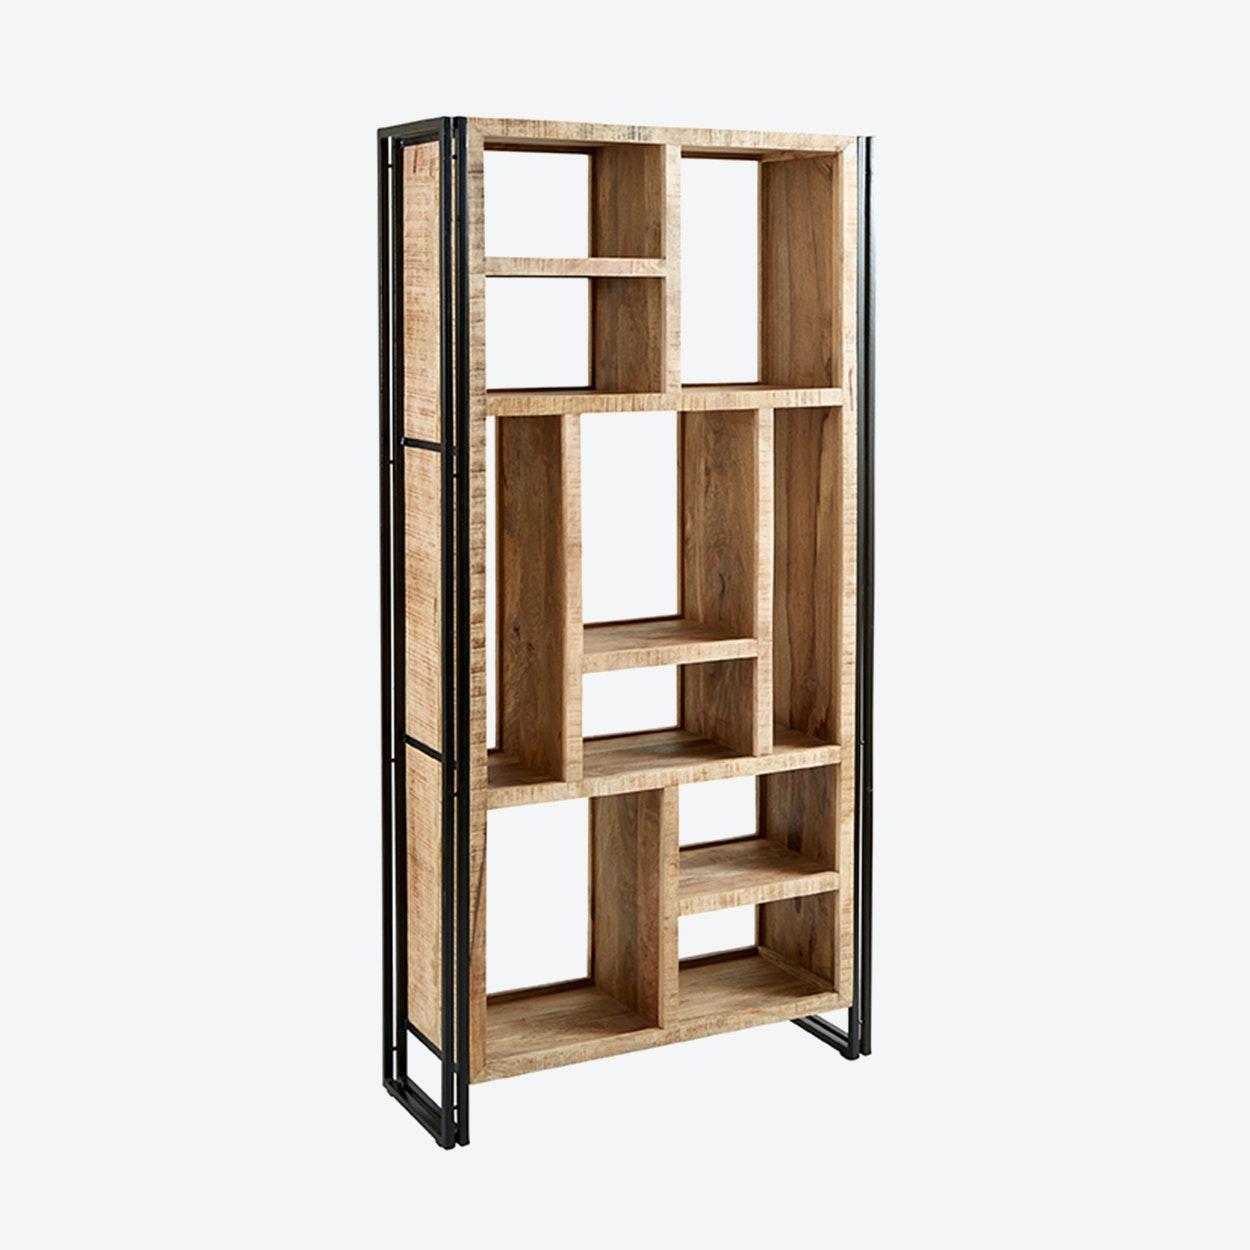 Mango Wood Multi Shelf Bookcase By Indian Hub Fy